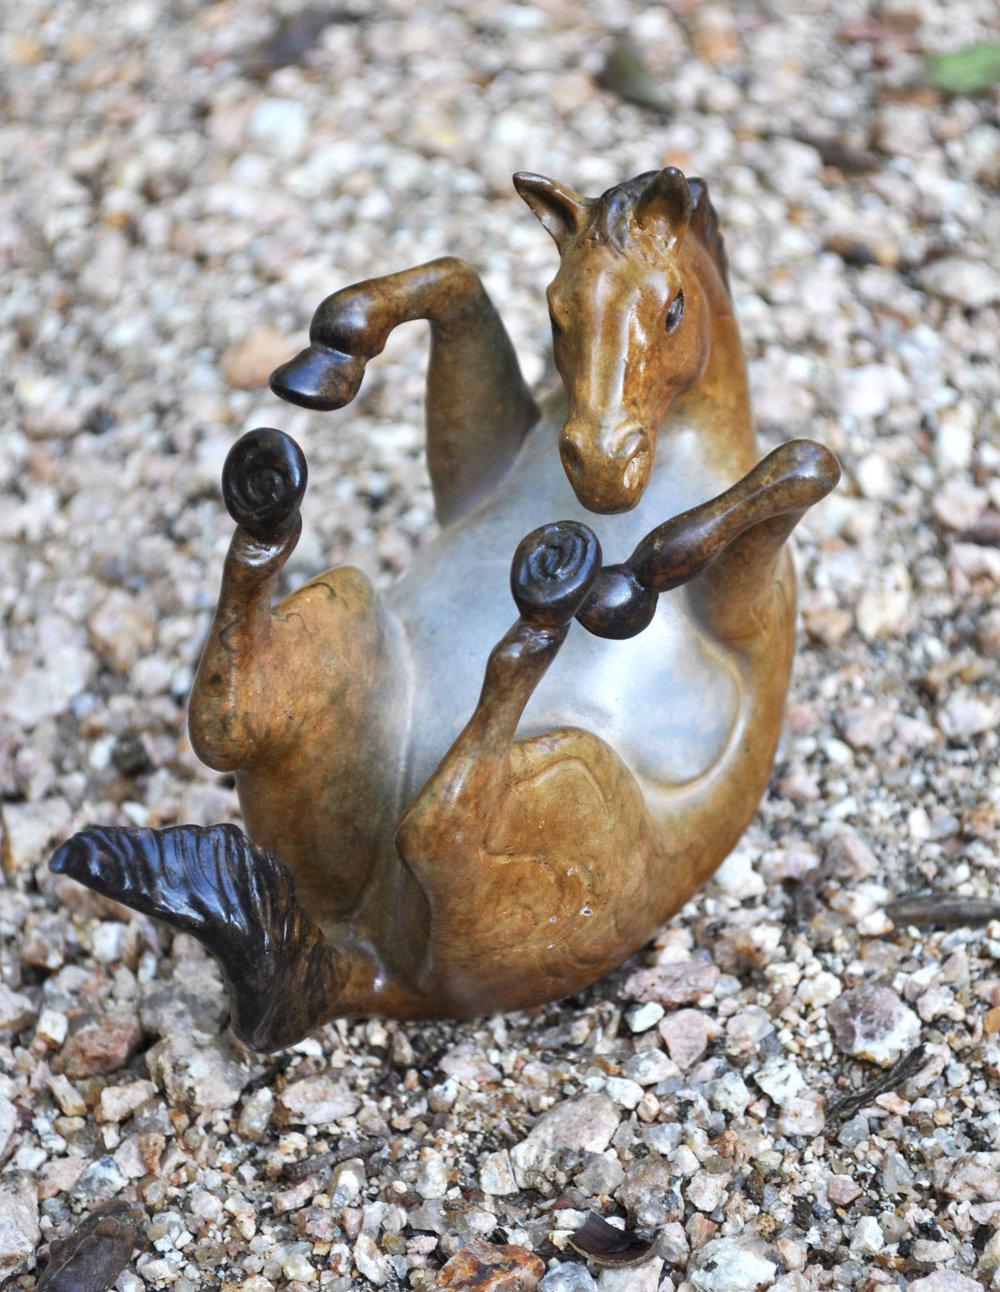 Bronze-Rolling-Horse-Sculpture-John-Maisano-6.jpg